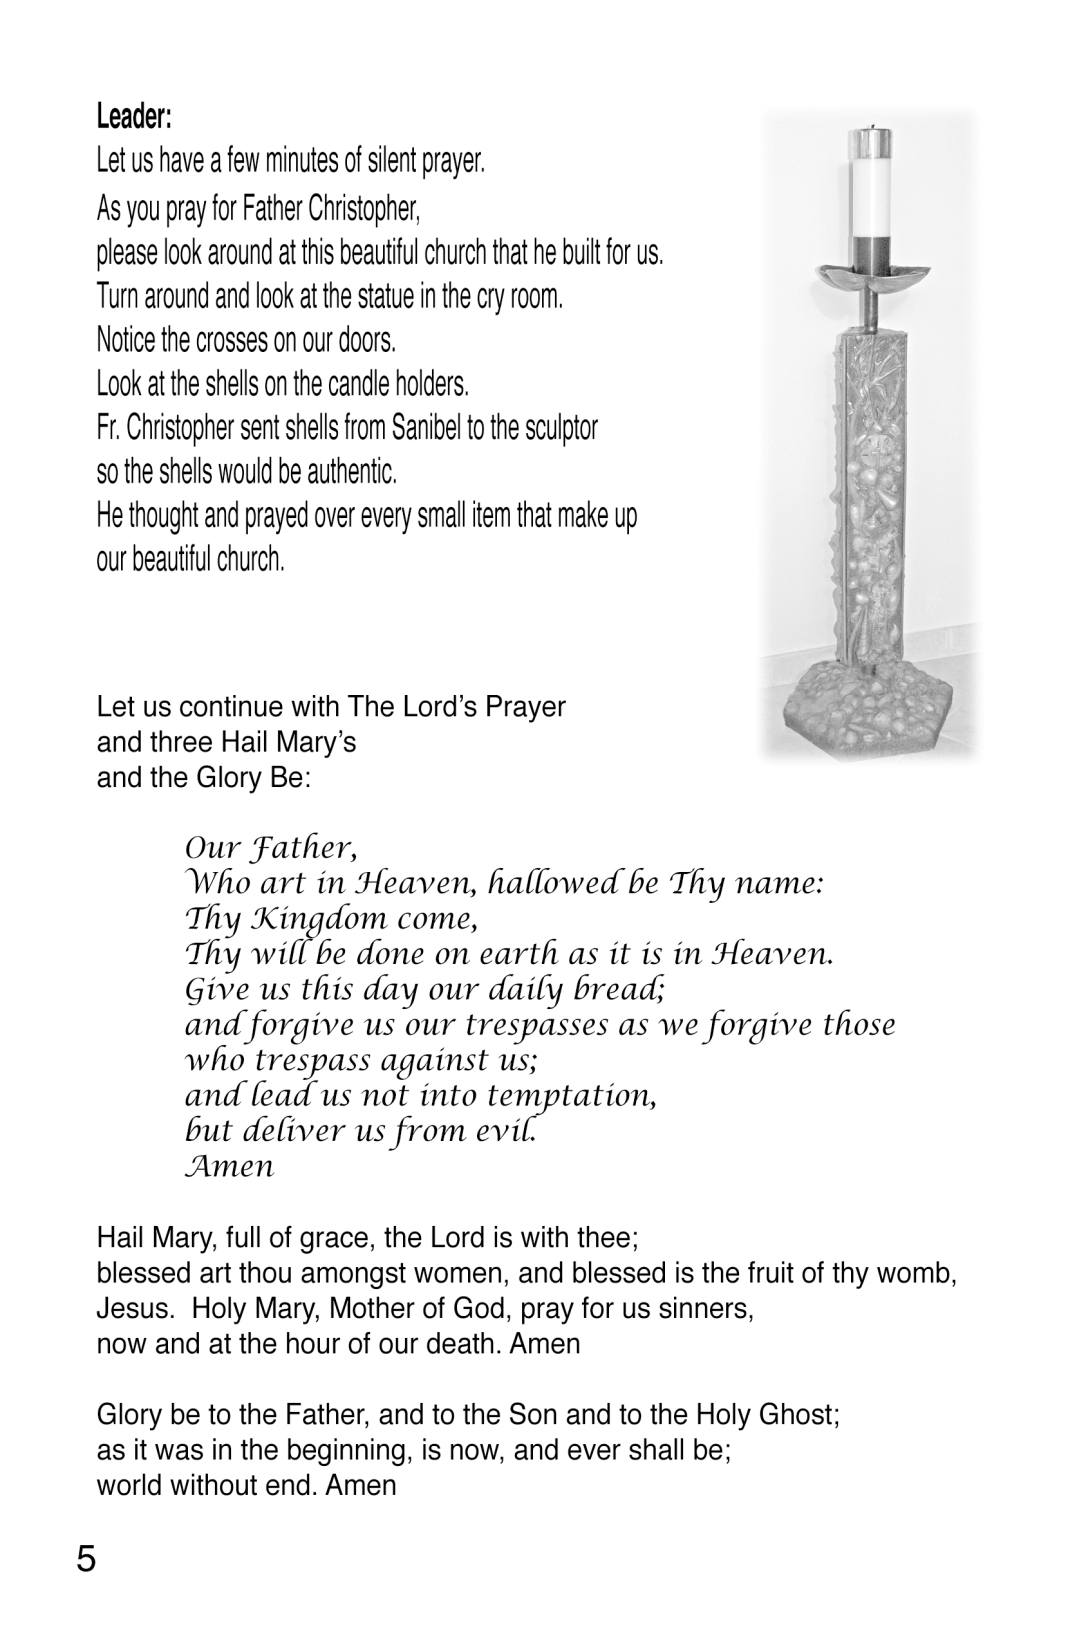 e pray